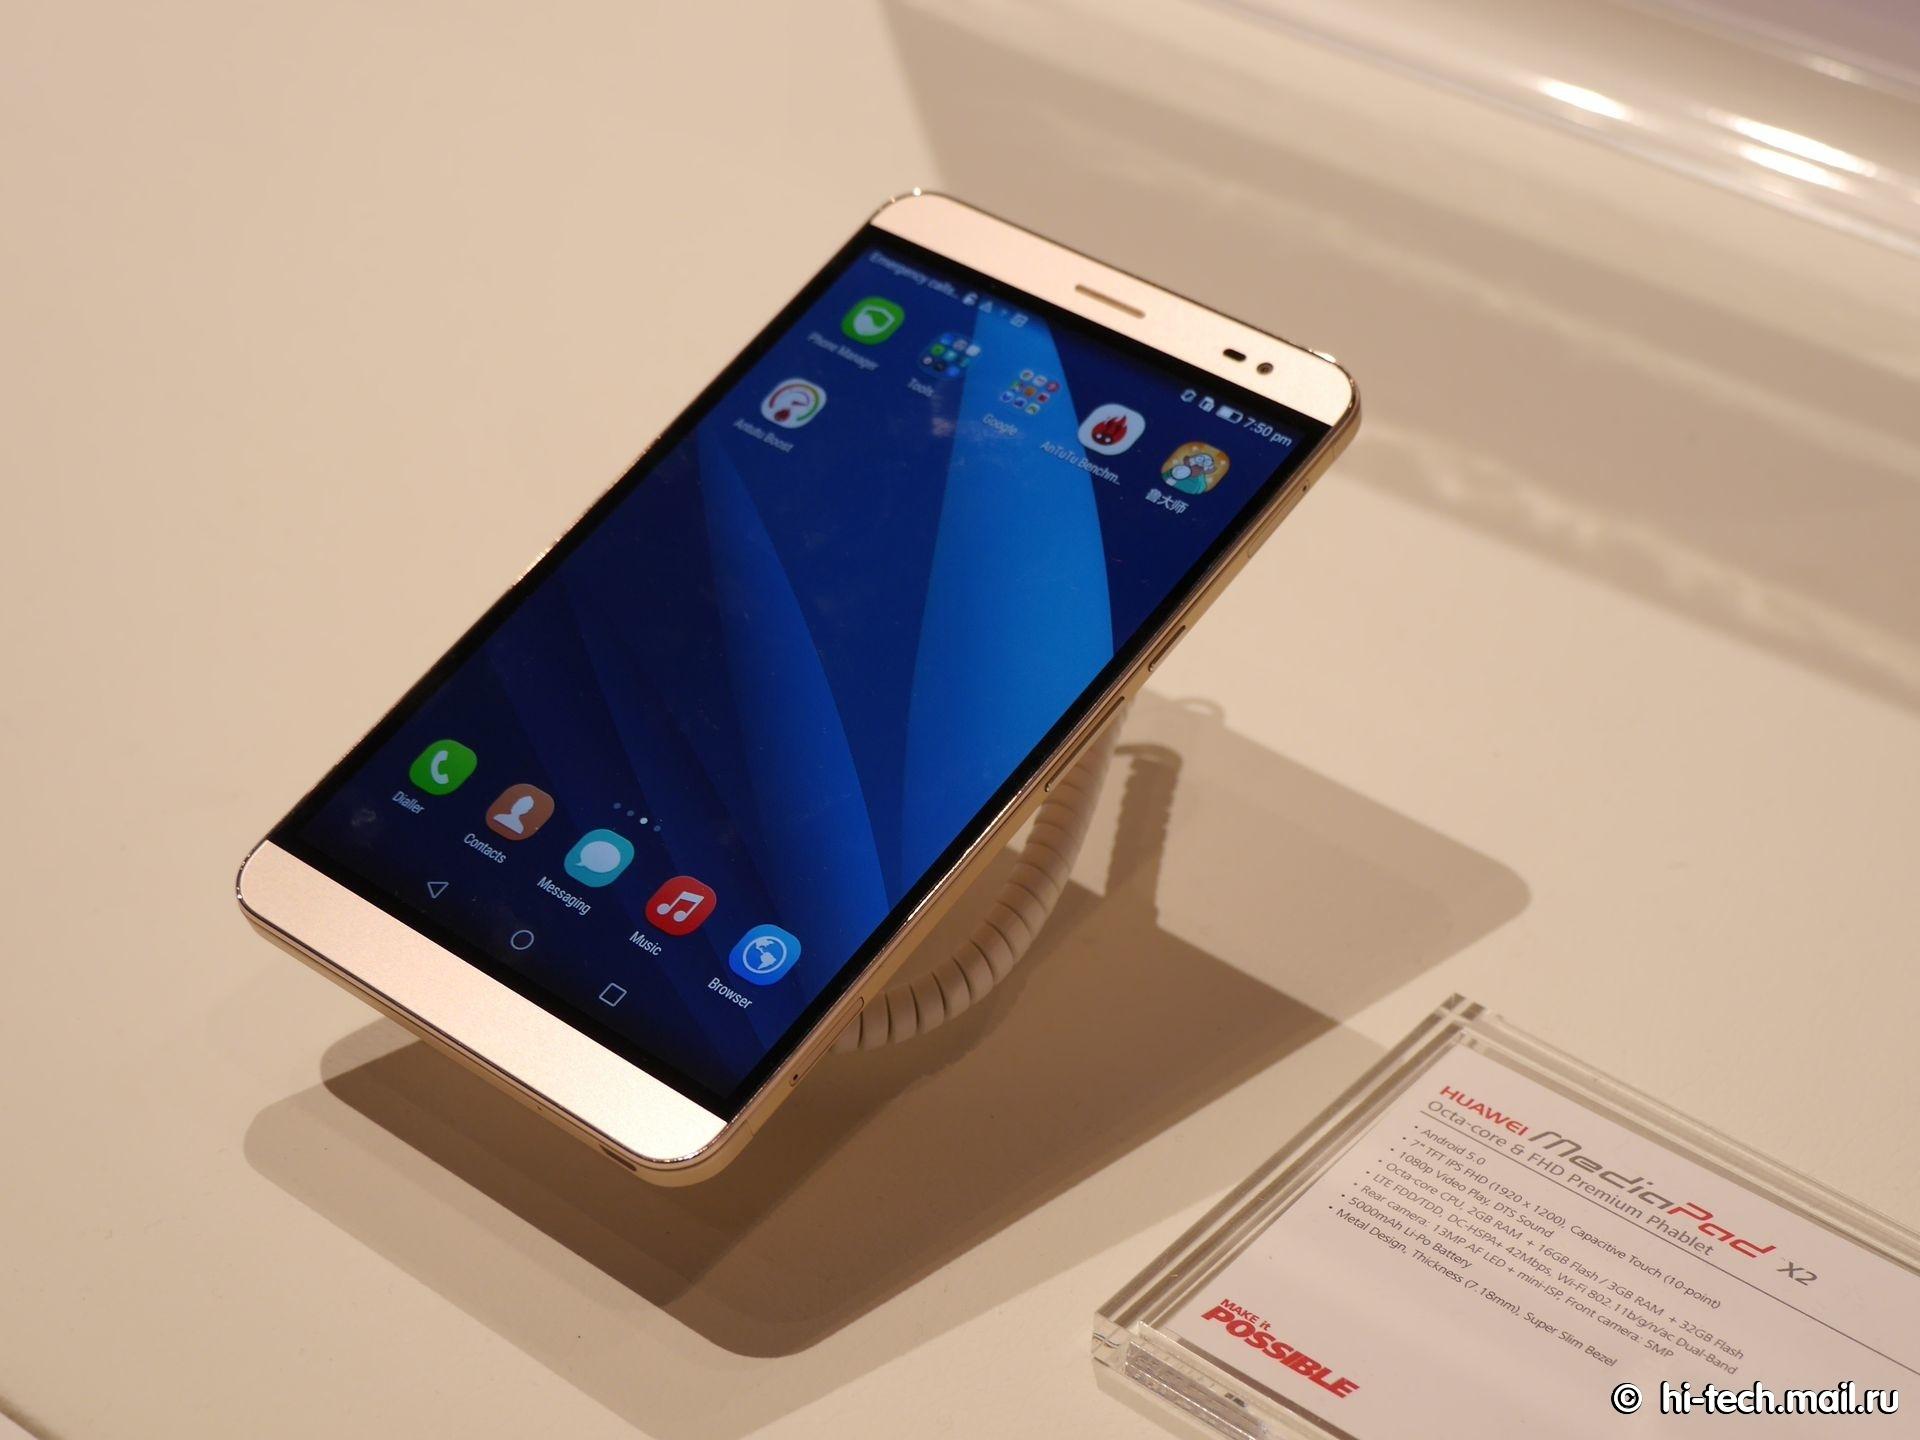 Huawei на MWC 2015: самый тонкий 7-дюймовый планшет в мире